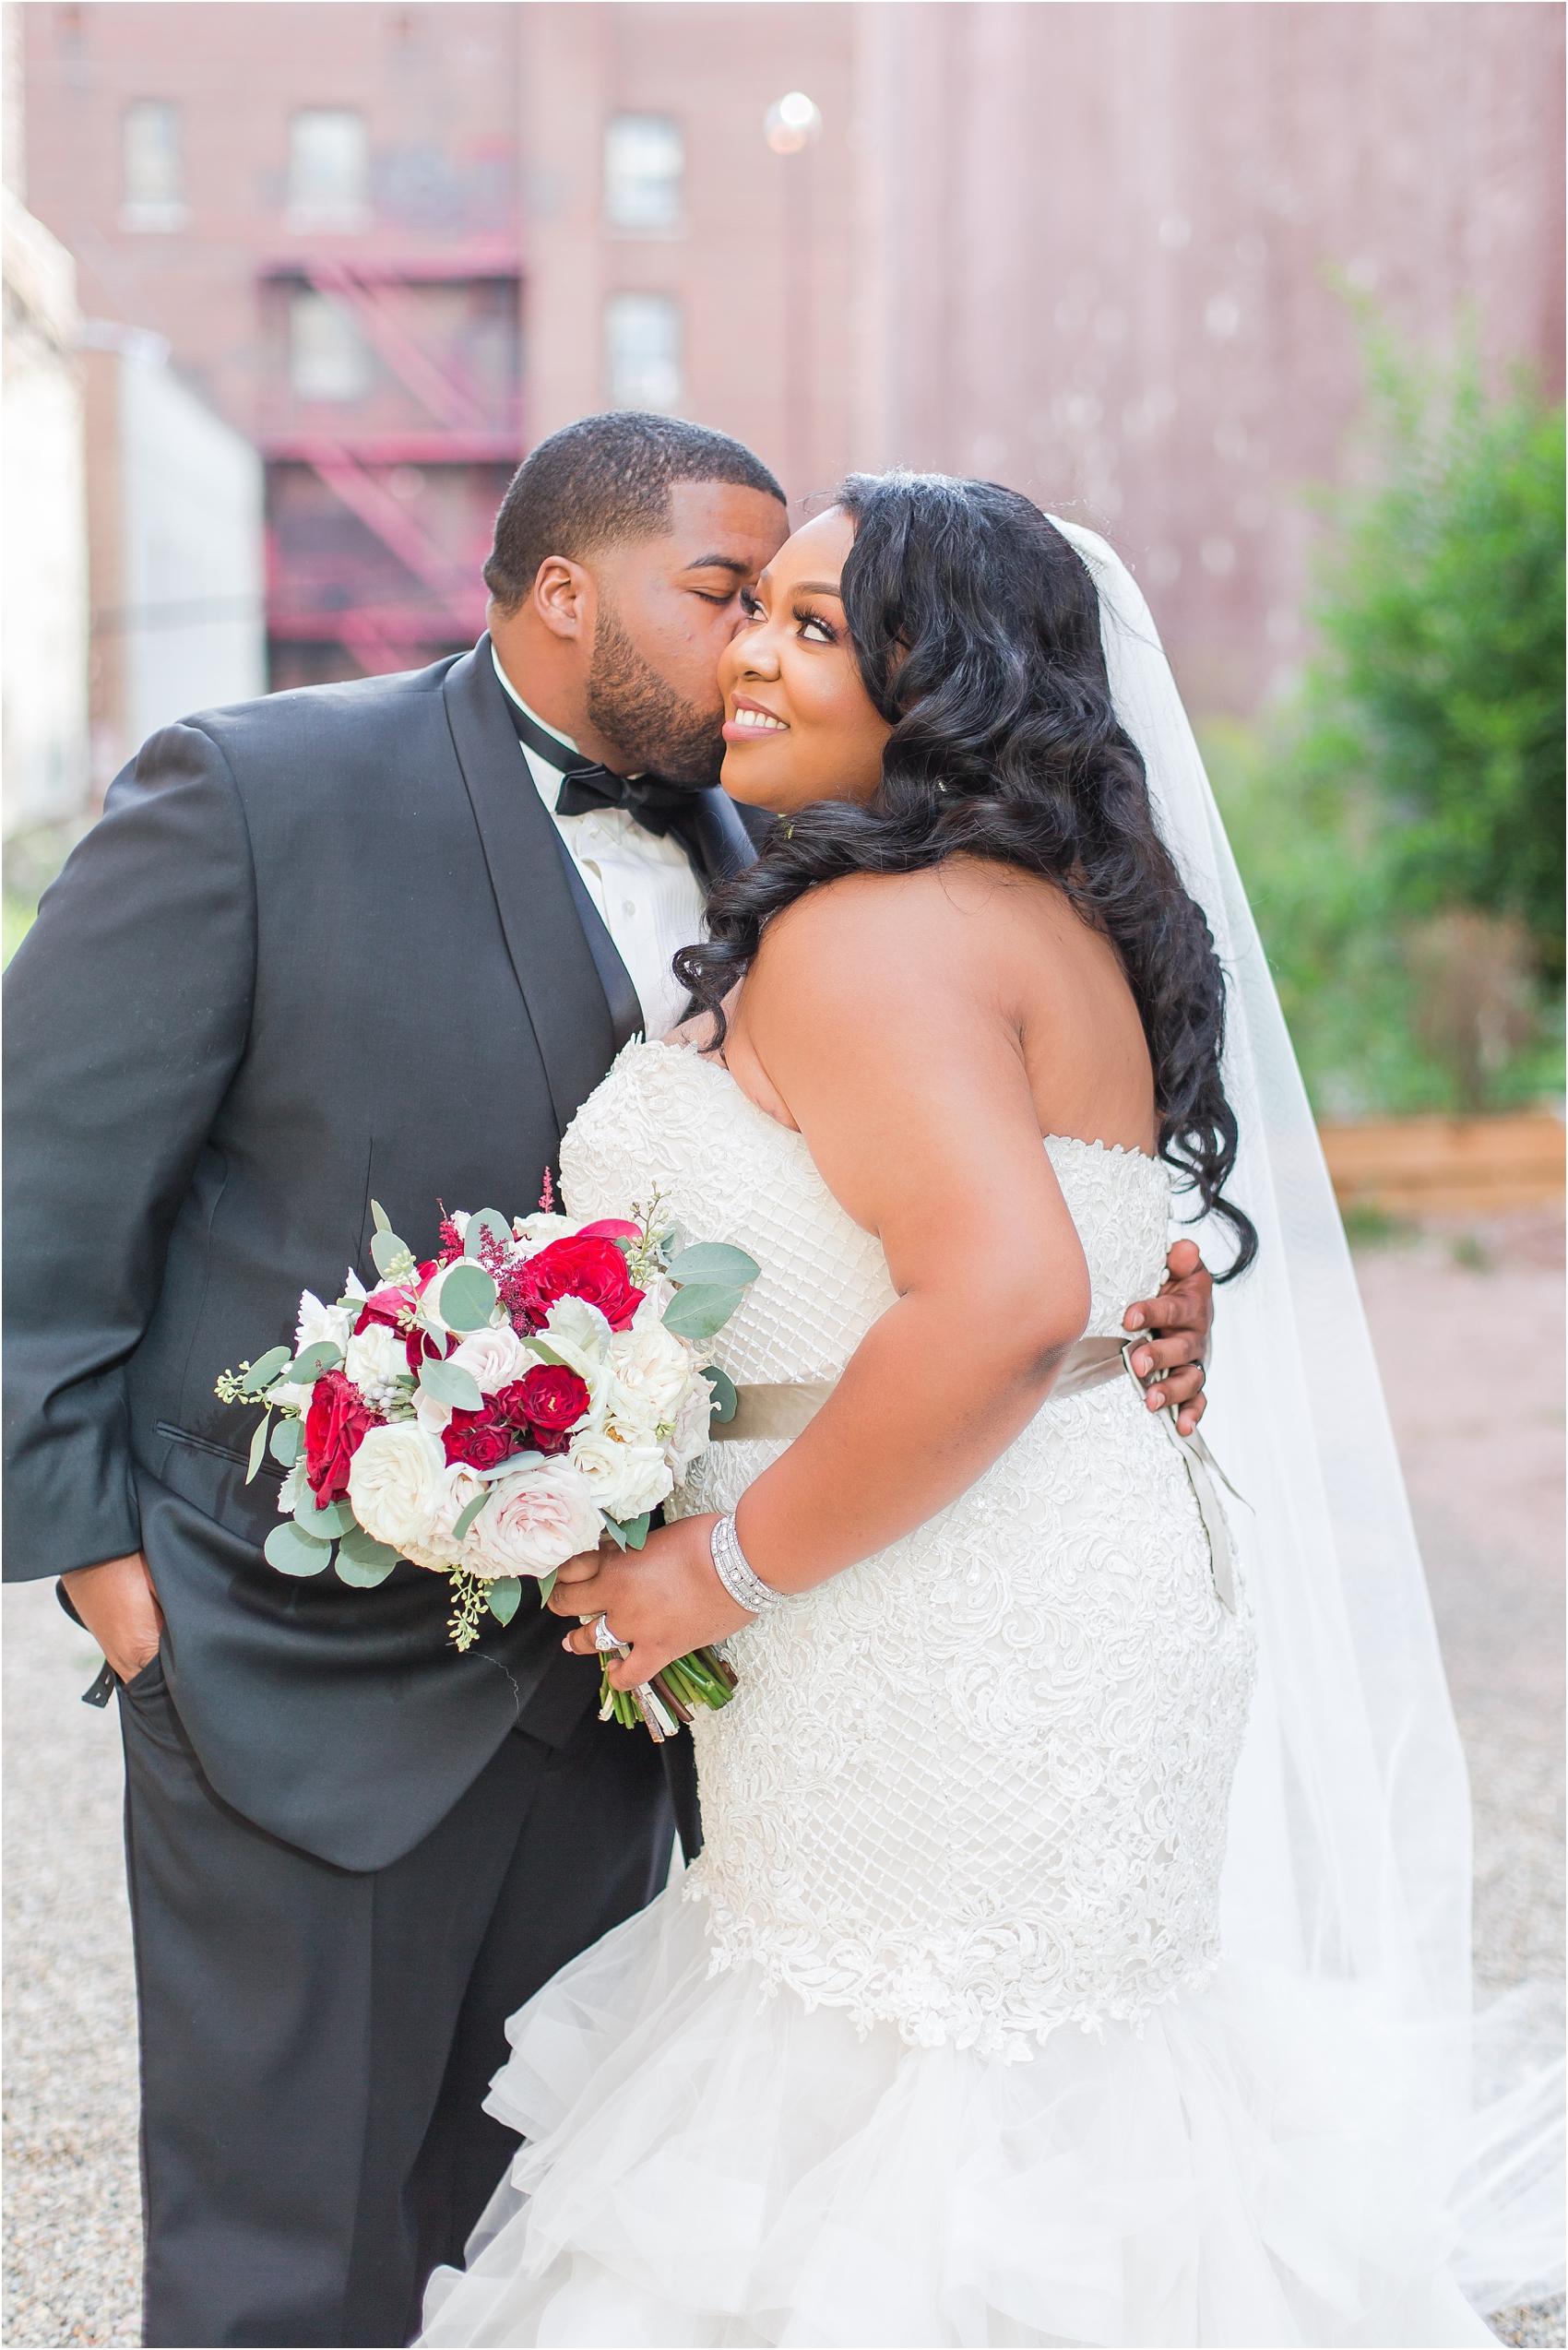 minimalist-and-modern-wedding-photos-at-30-north-saginaw-in-pontiac-michigan-by-courtney-carolyn-photography_0059.jpg